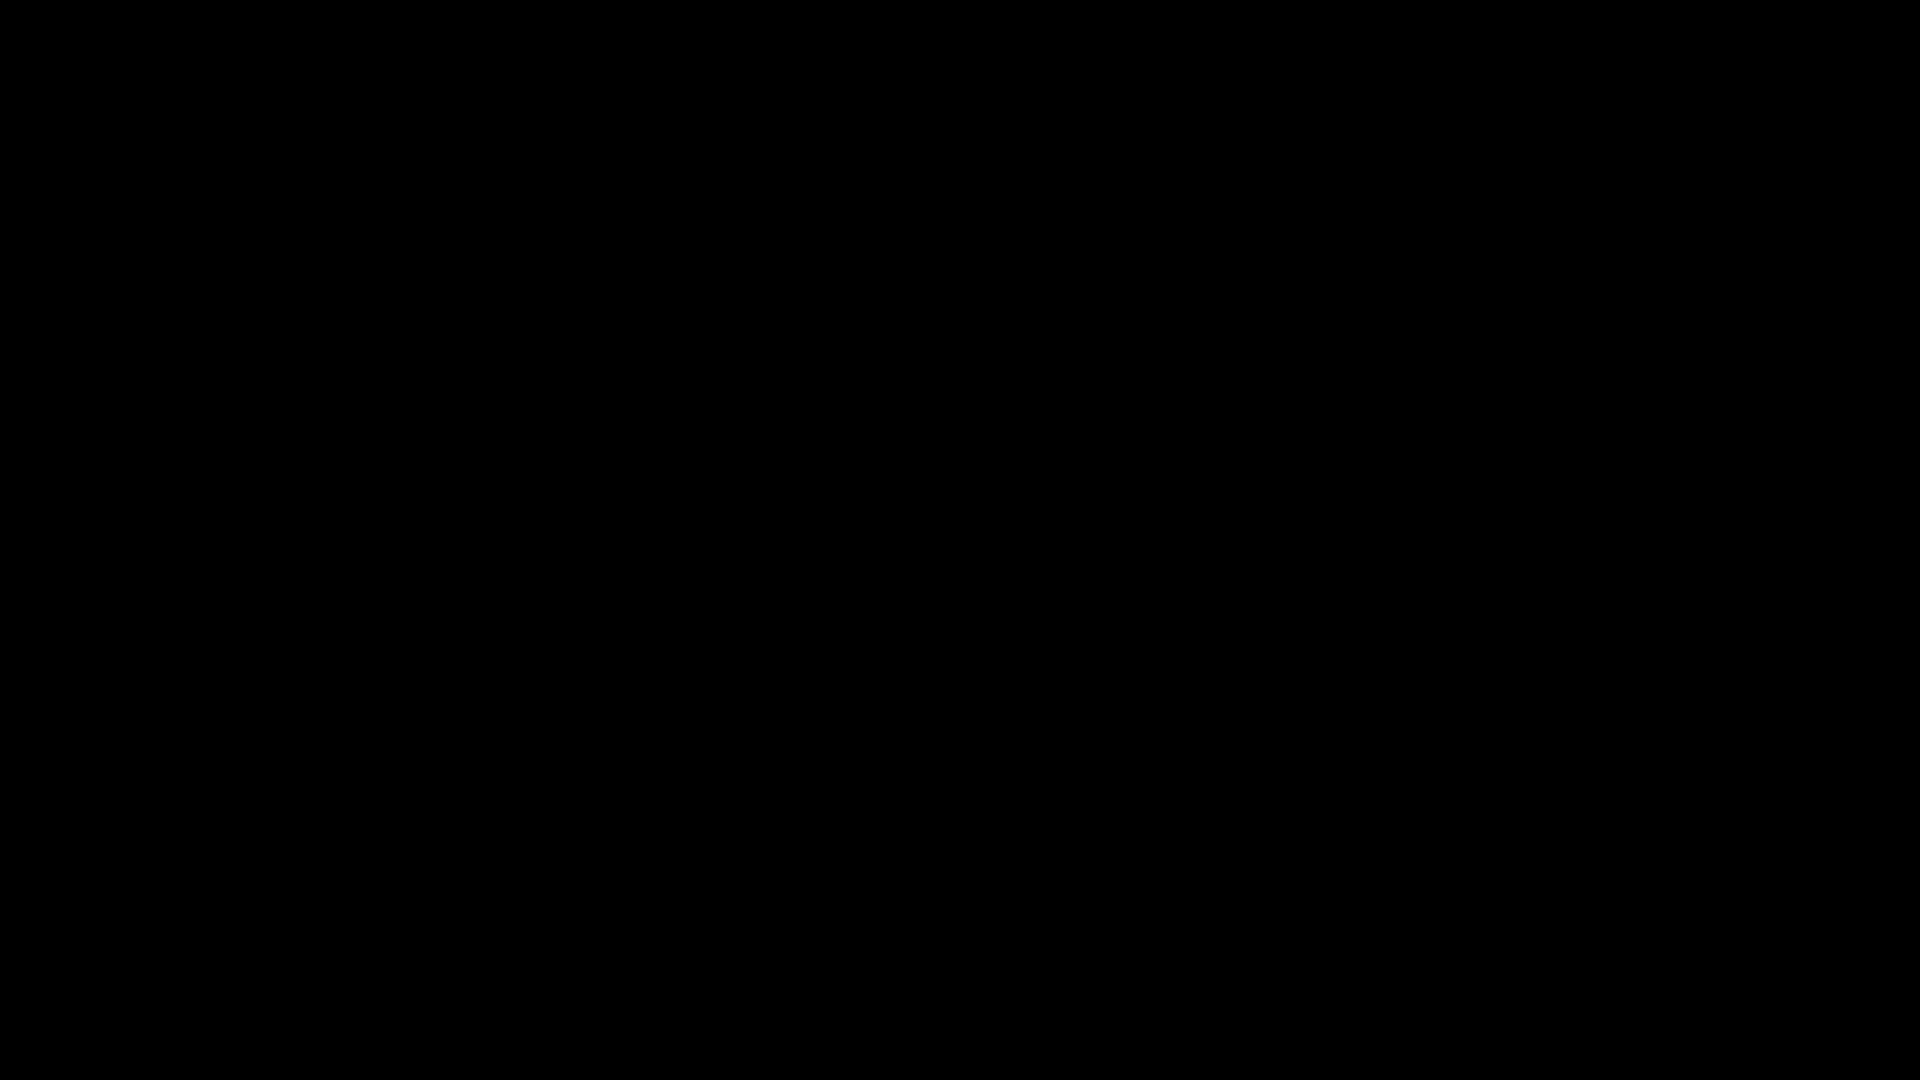 loadingicon, Hexa GIFs